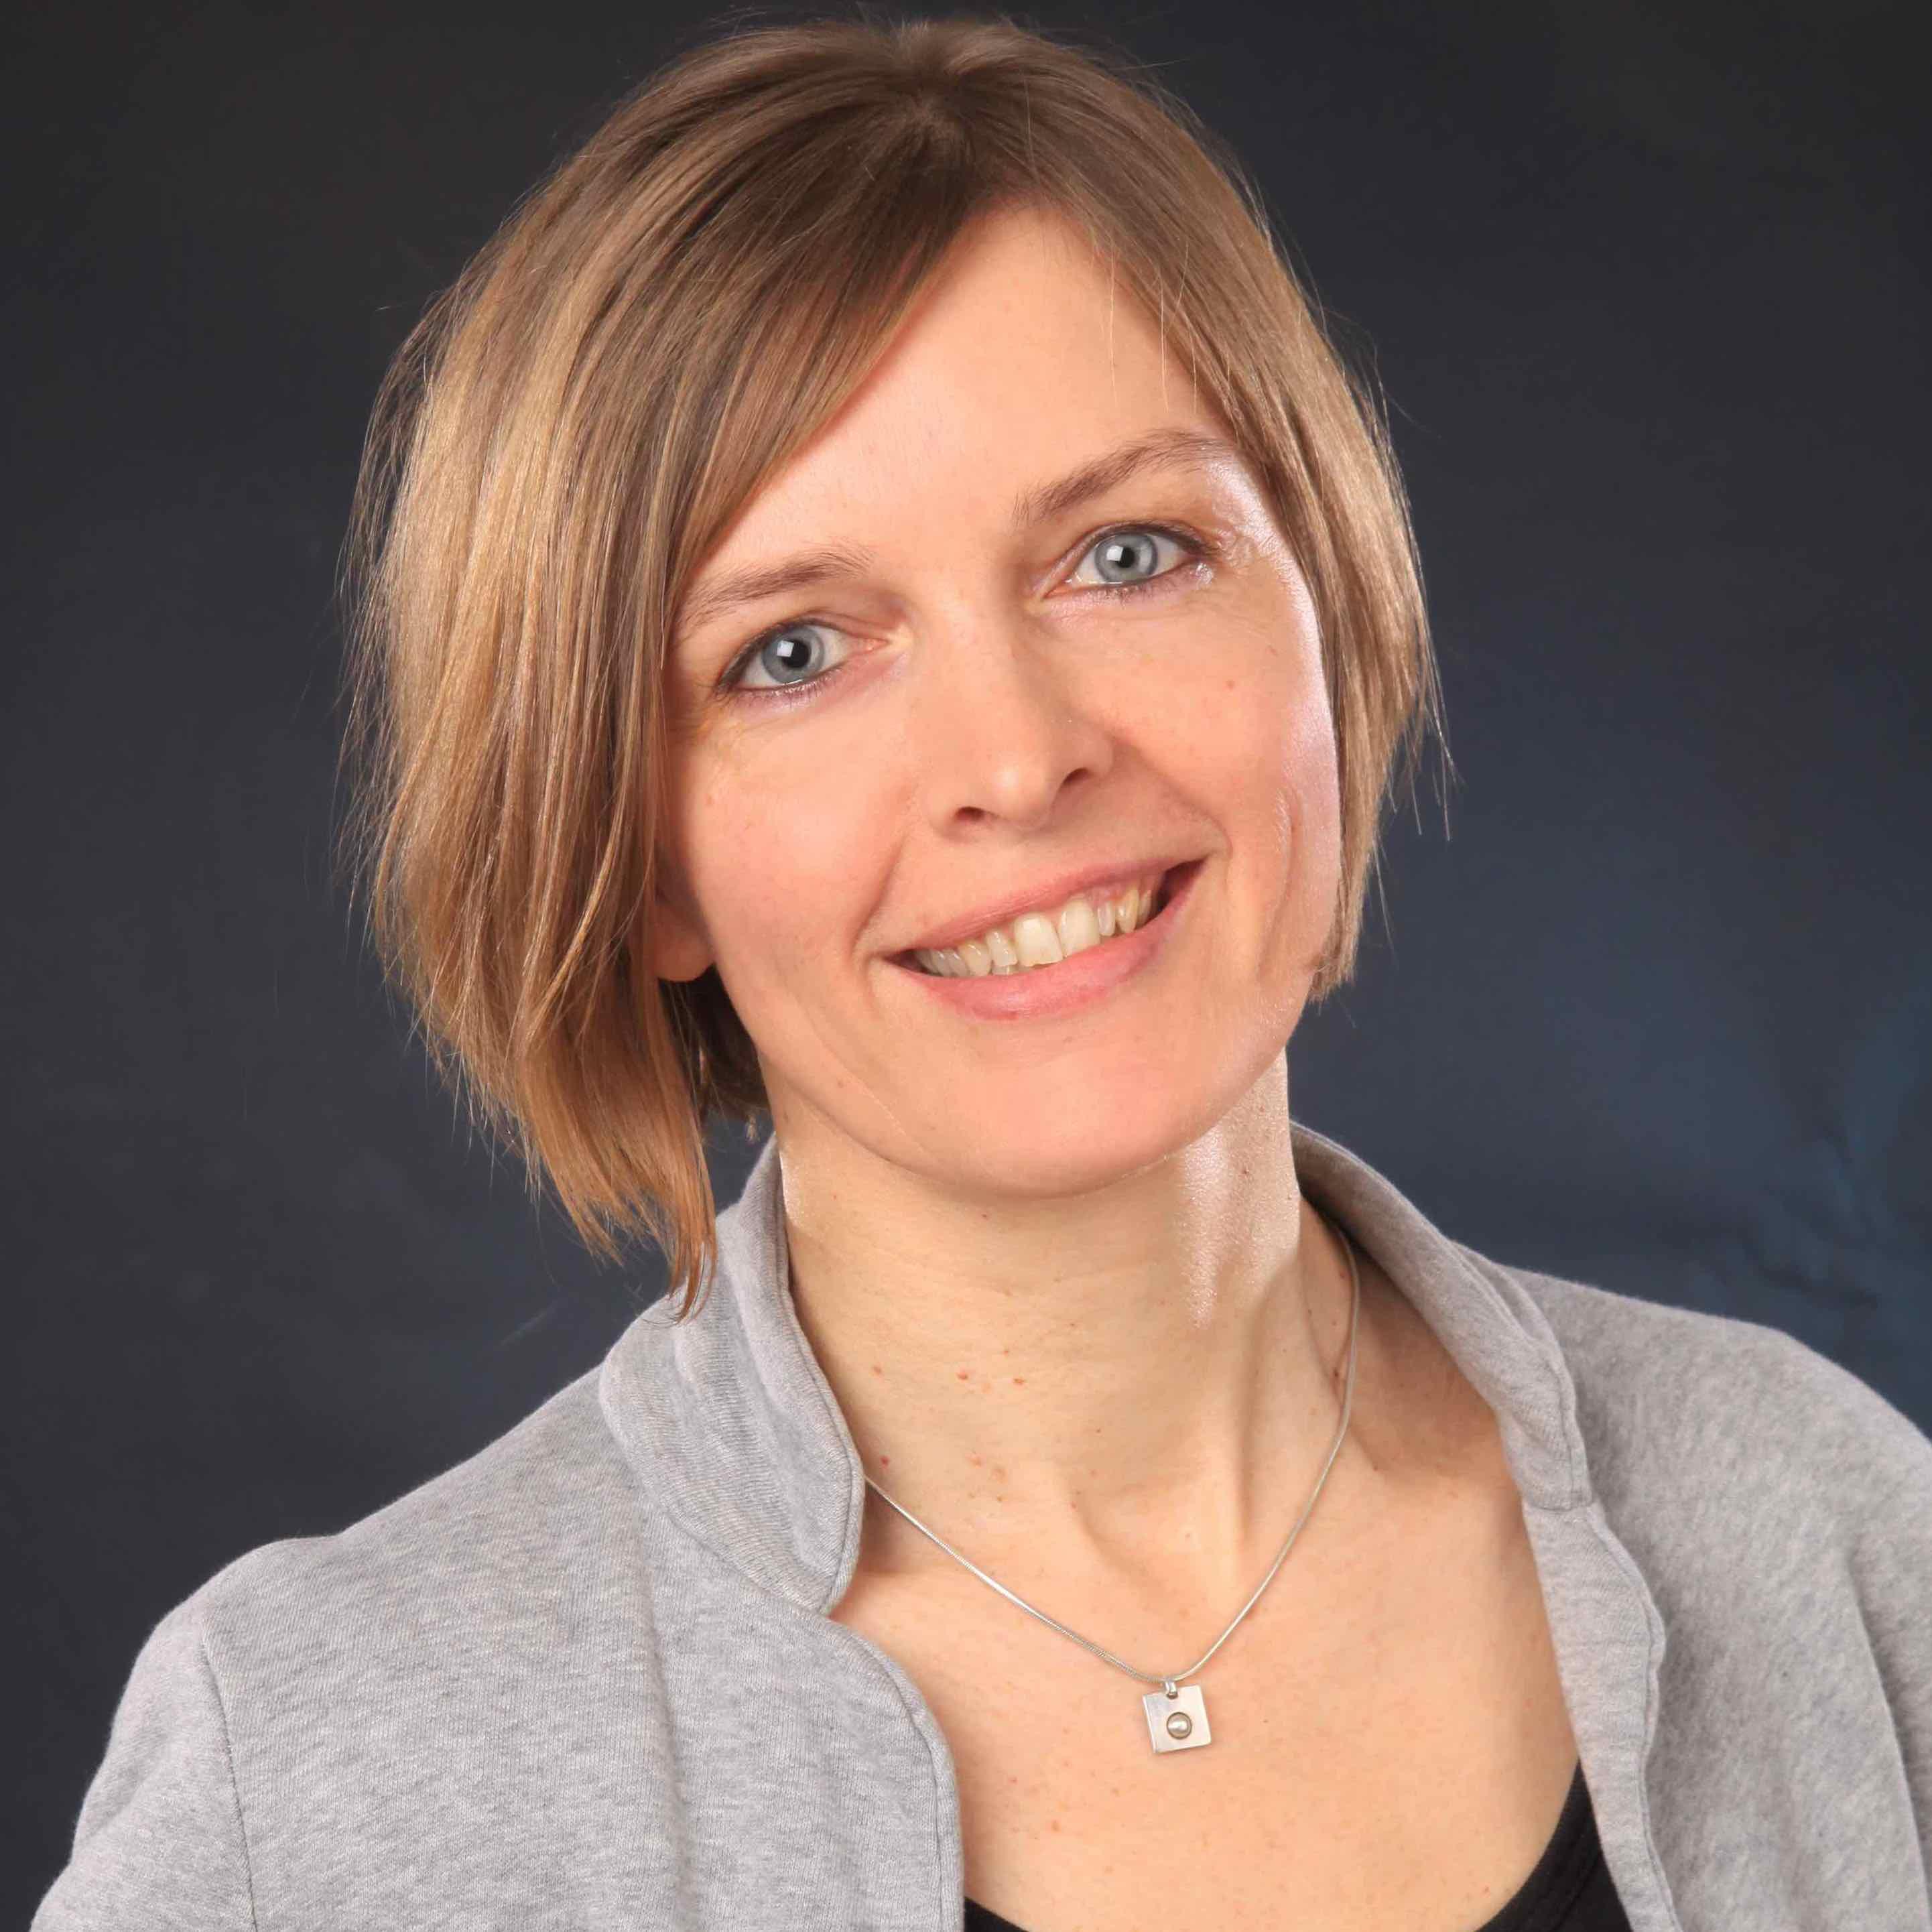 Anke ist bei educorvi als Projektleiterin für die Themen Web-Content-Management und Online-Bildung tätig. Außerdem koordiniert sie die Berufsausbildung.